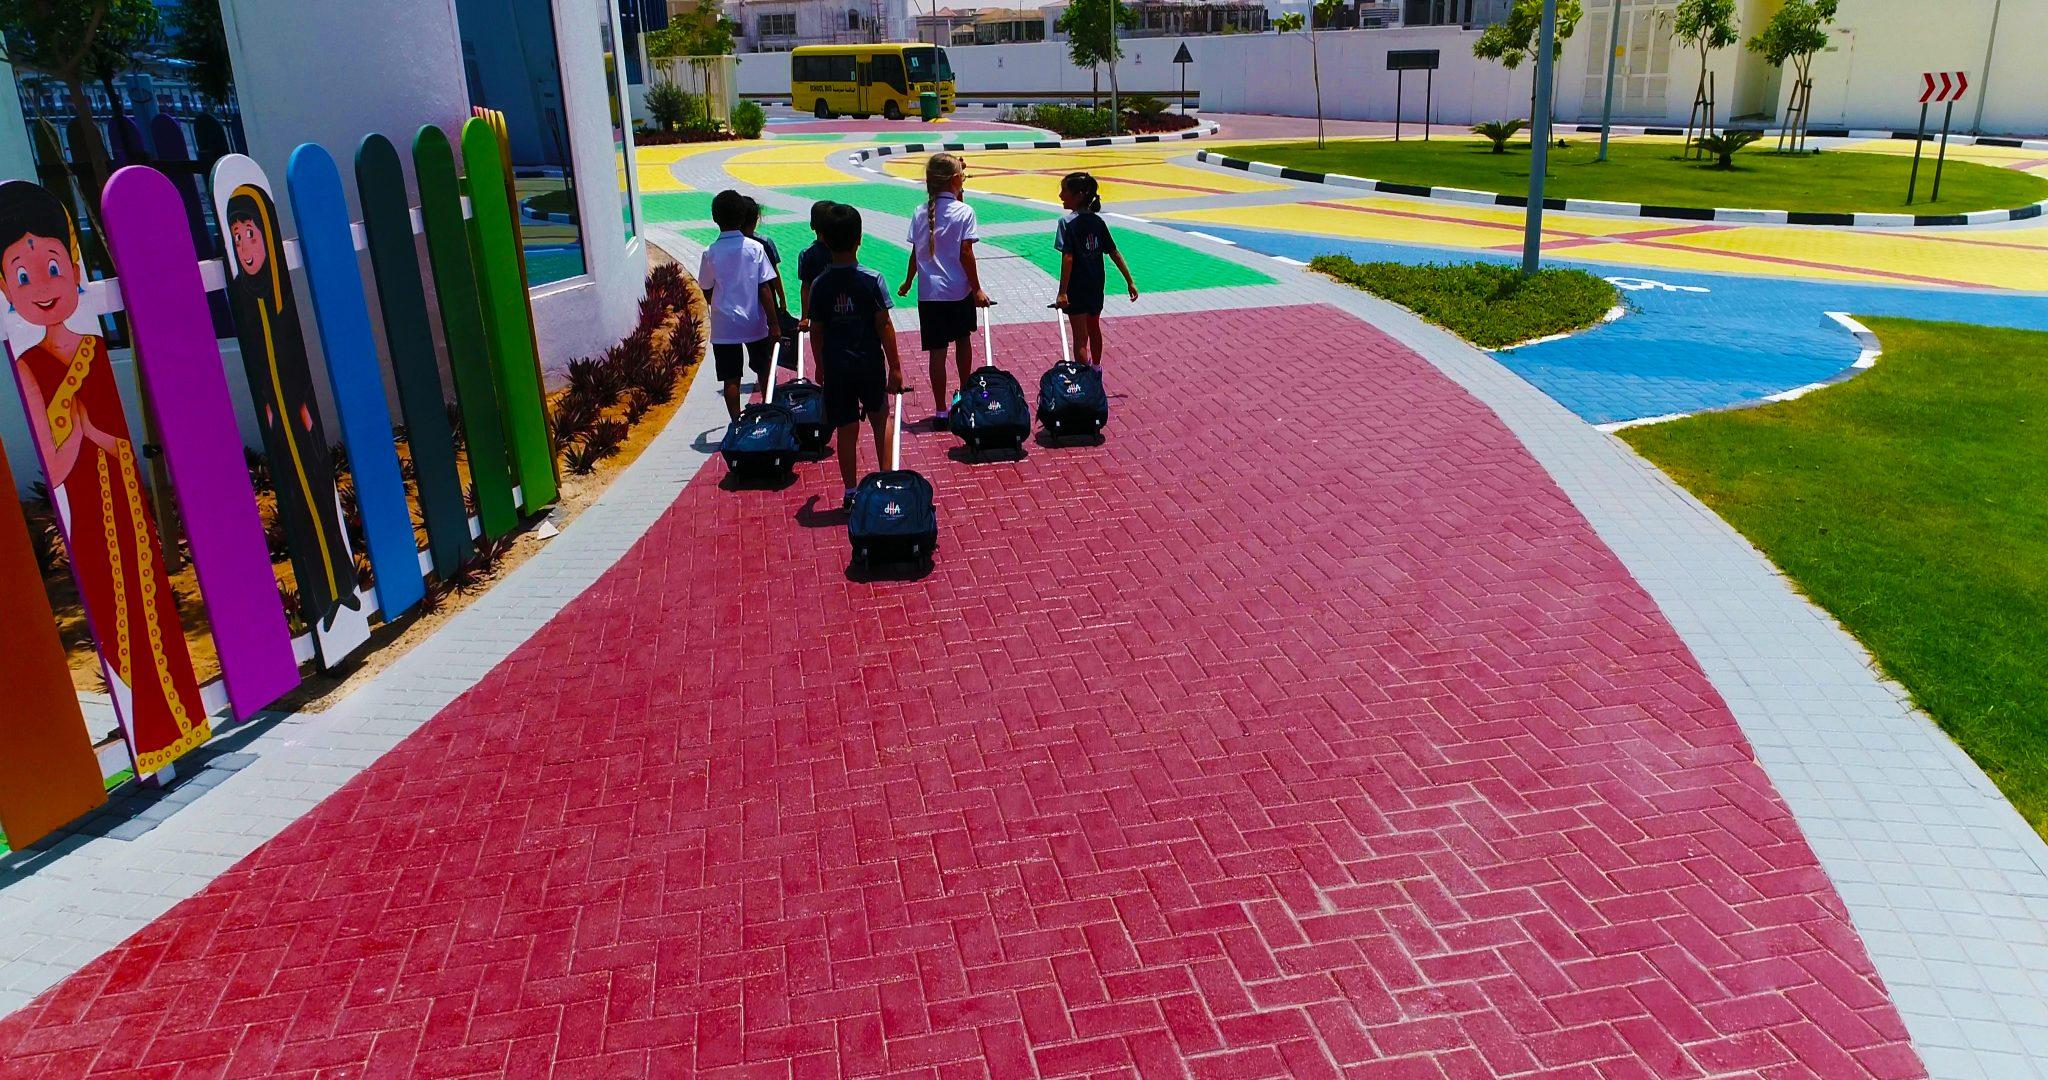 المناظر الطبيعية في أكاديمية دبي هايتس مع الاستخدام الذكي للألوان للإلهام وإمكانية الوصول